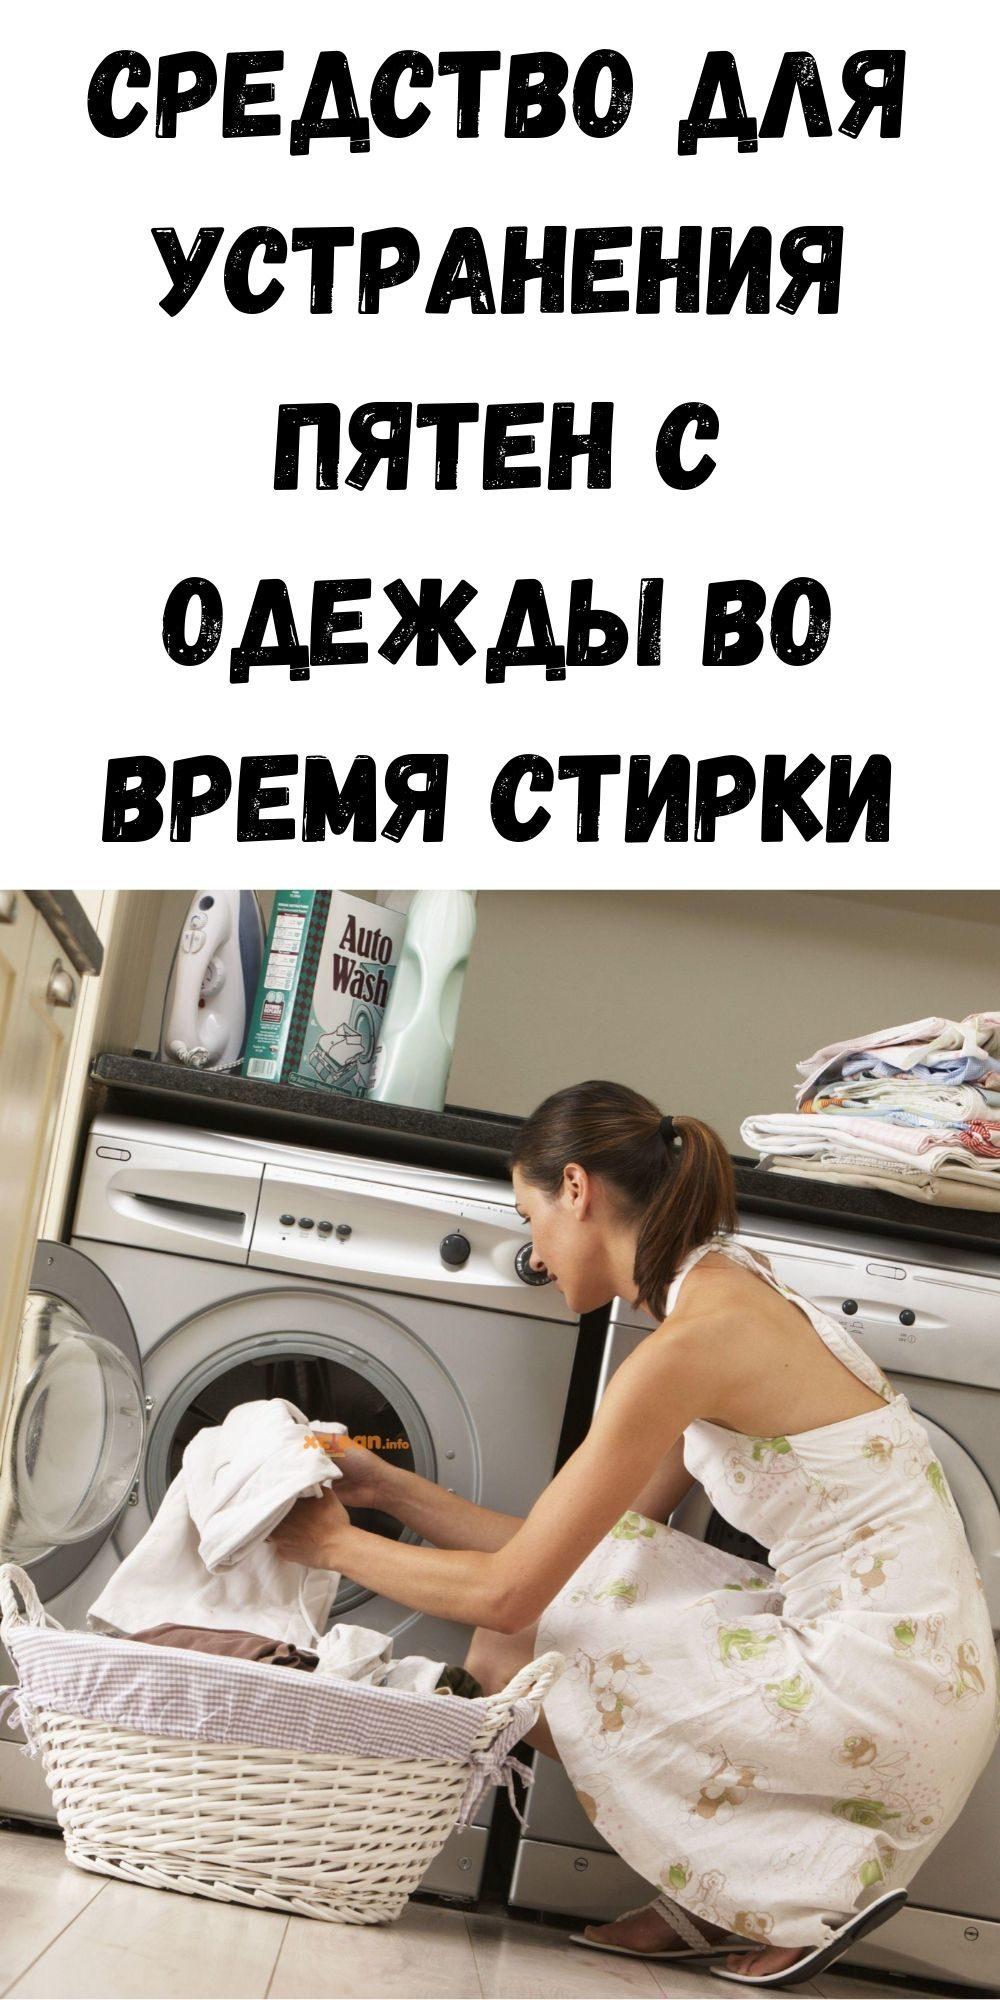 sredstvo-dlya-ustraneniya-pyaten-s-odezhdy-vo-vremya-stirki-2